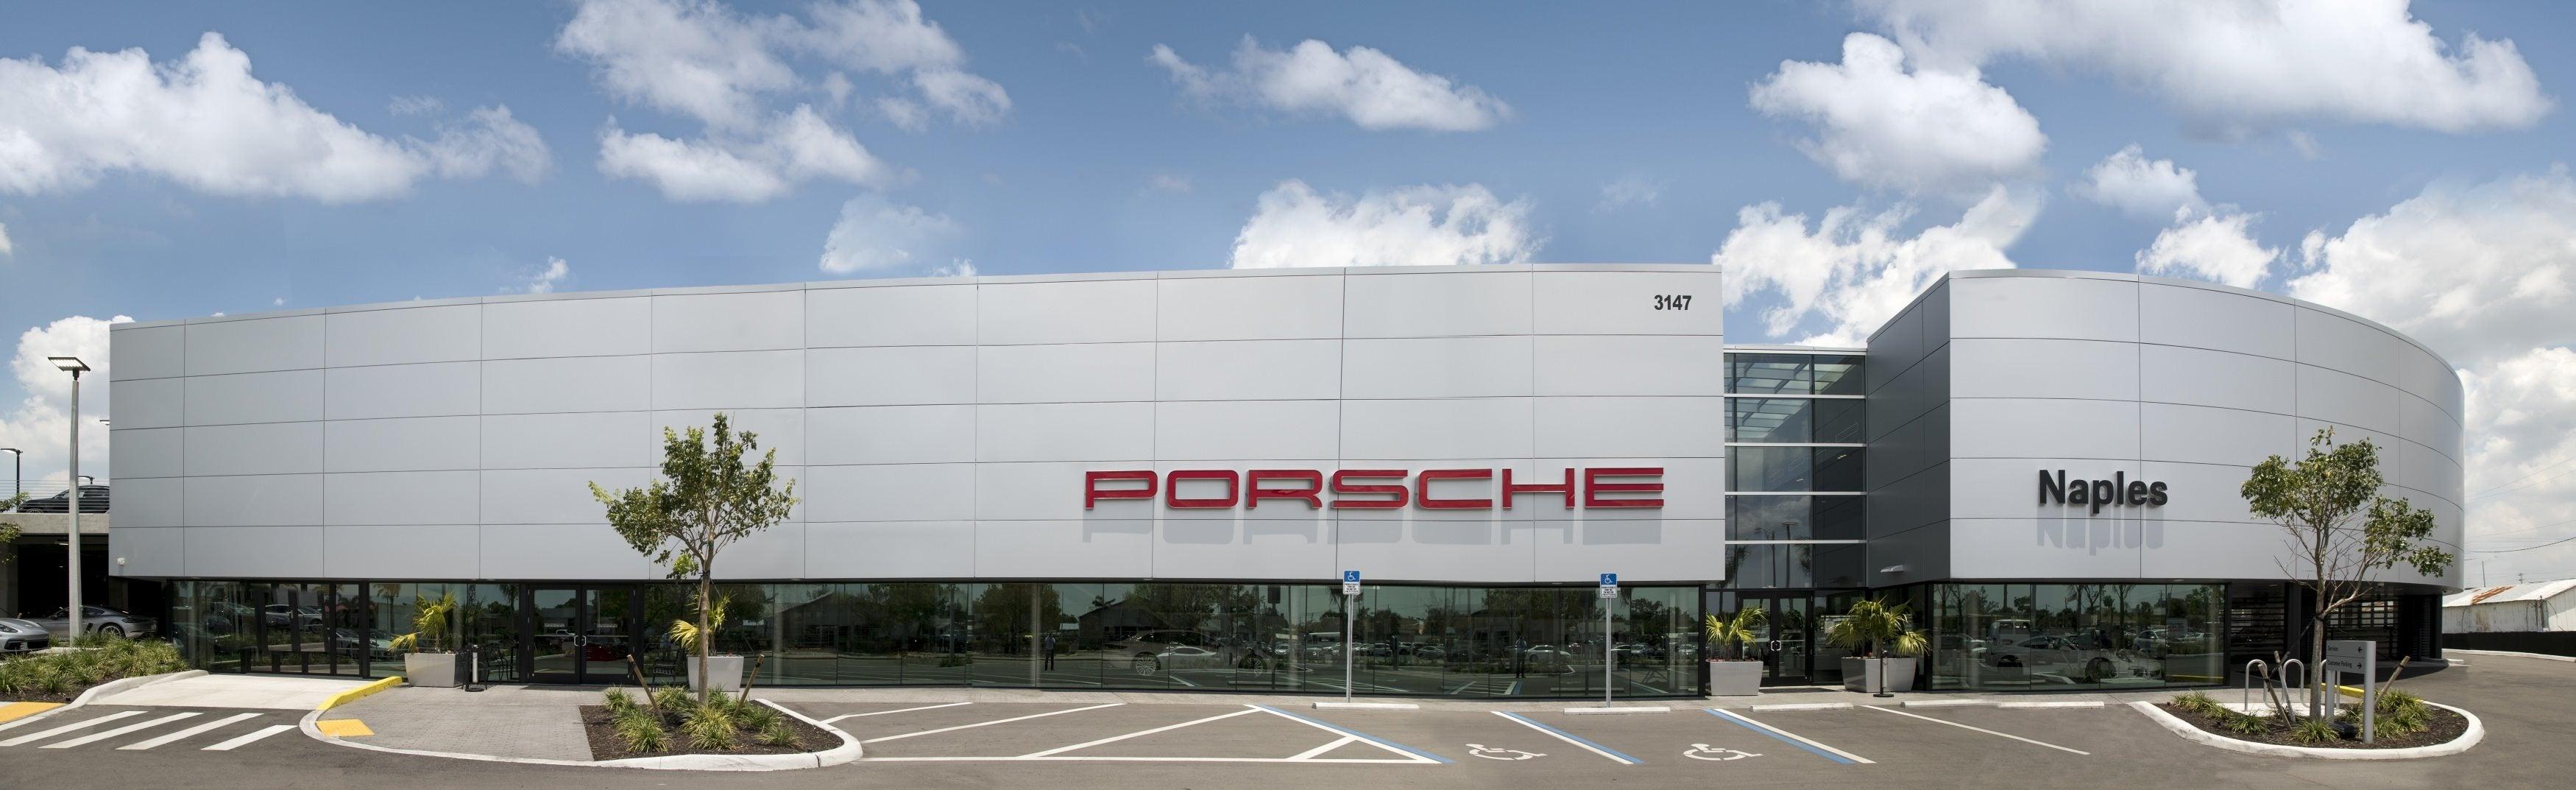 Car Dealerships Naples Fl >> About Porsche Naples Luxury Car Dealership In Naples Fl